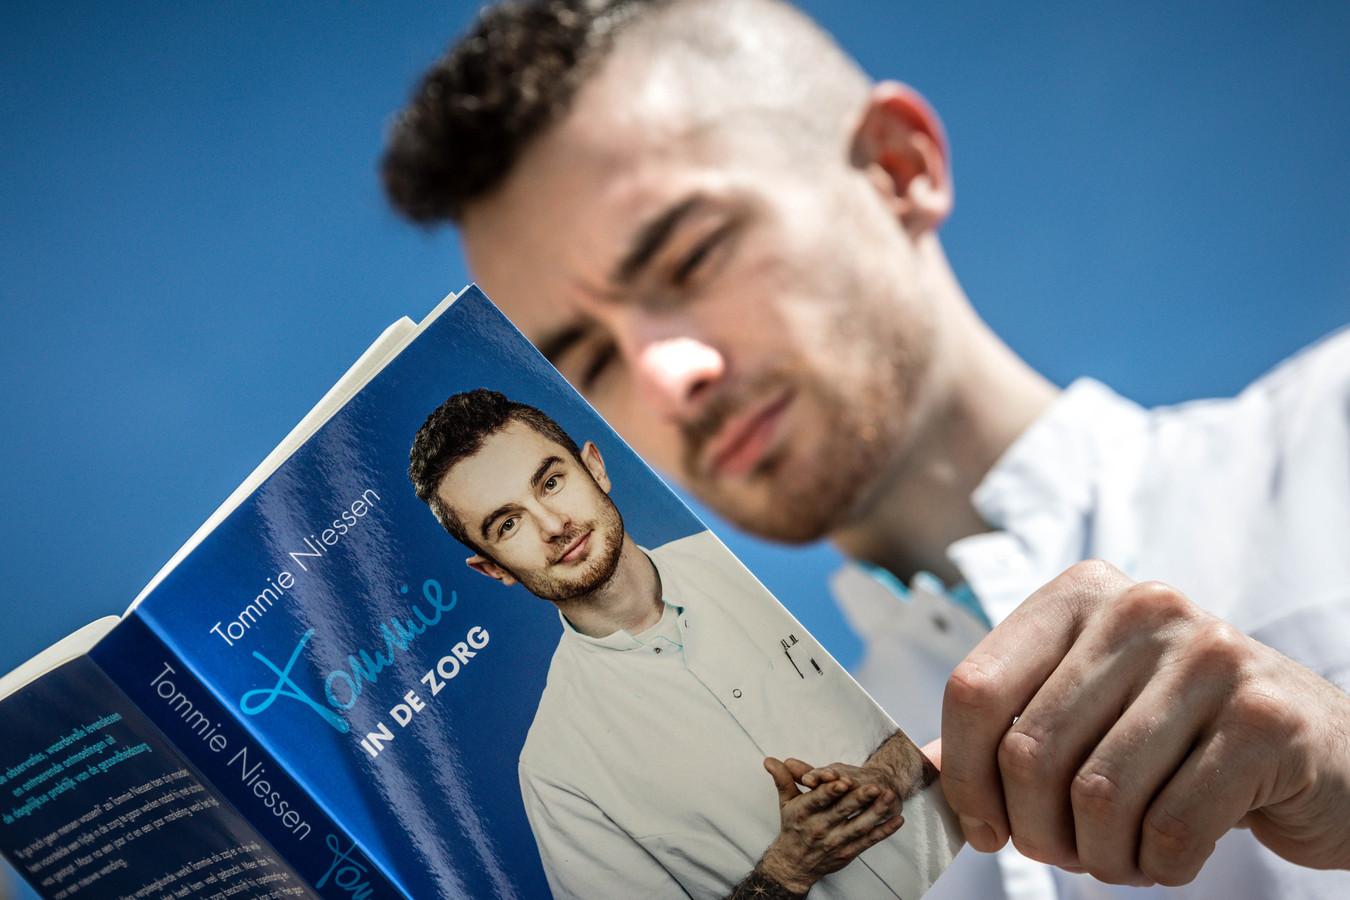 HELMOND - Portret van wijkverpleegkundige Tommie Niessen uit Helmond, de schrijver van het boek Tommie In De Zorg.